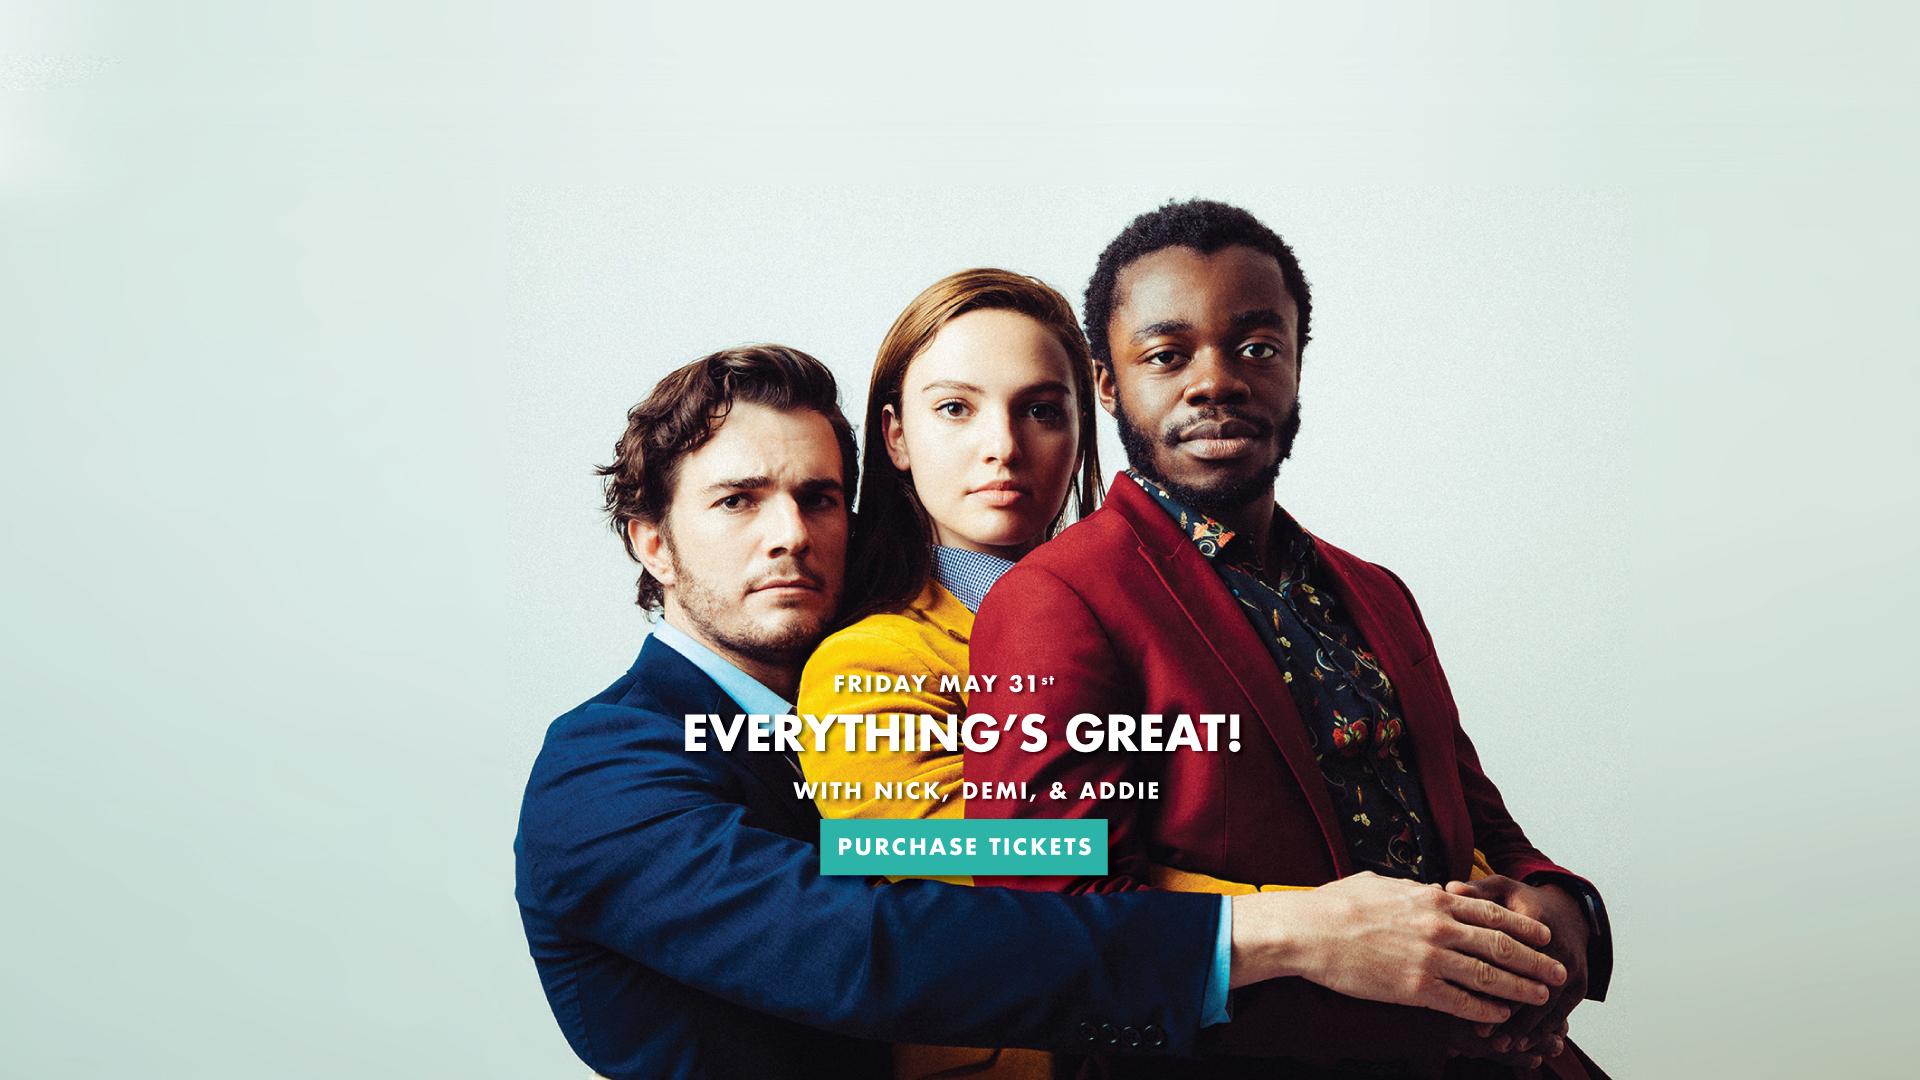 everythings_great.jpg